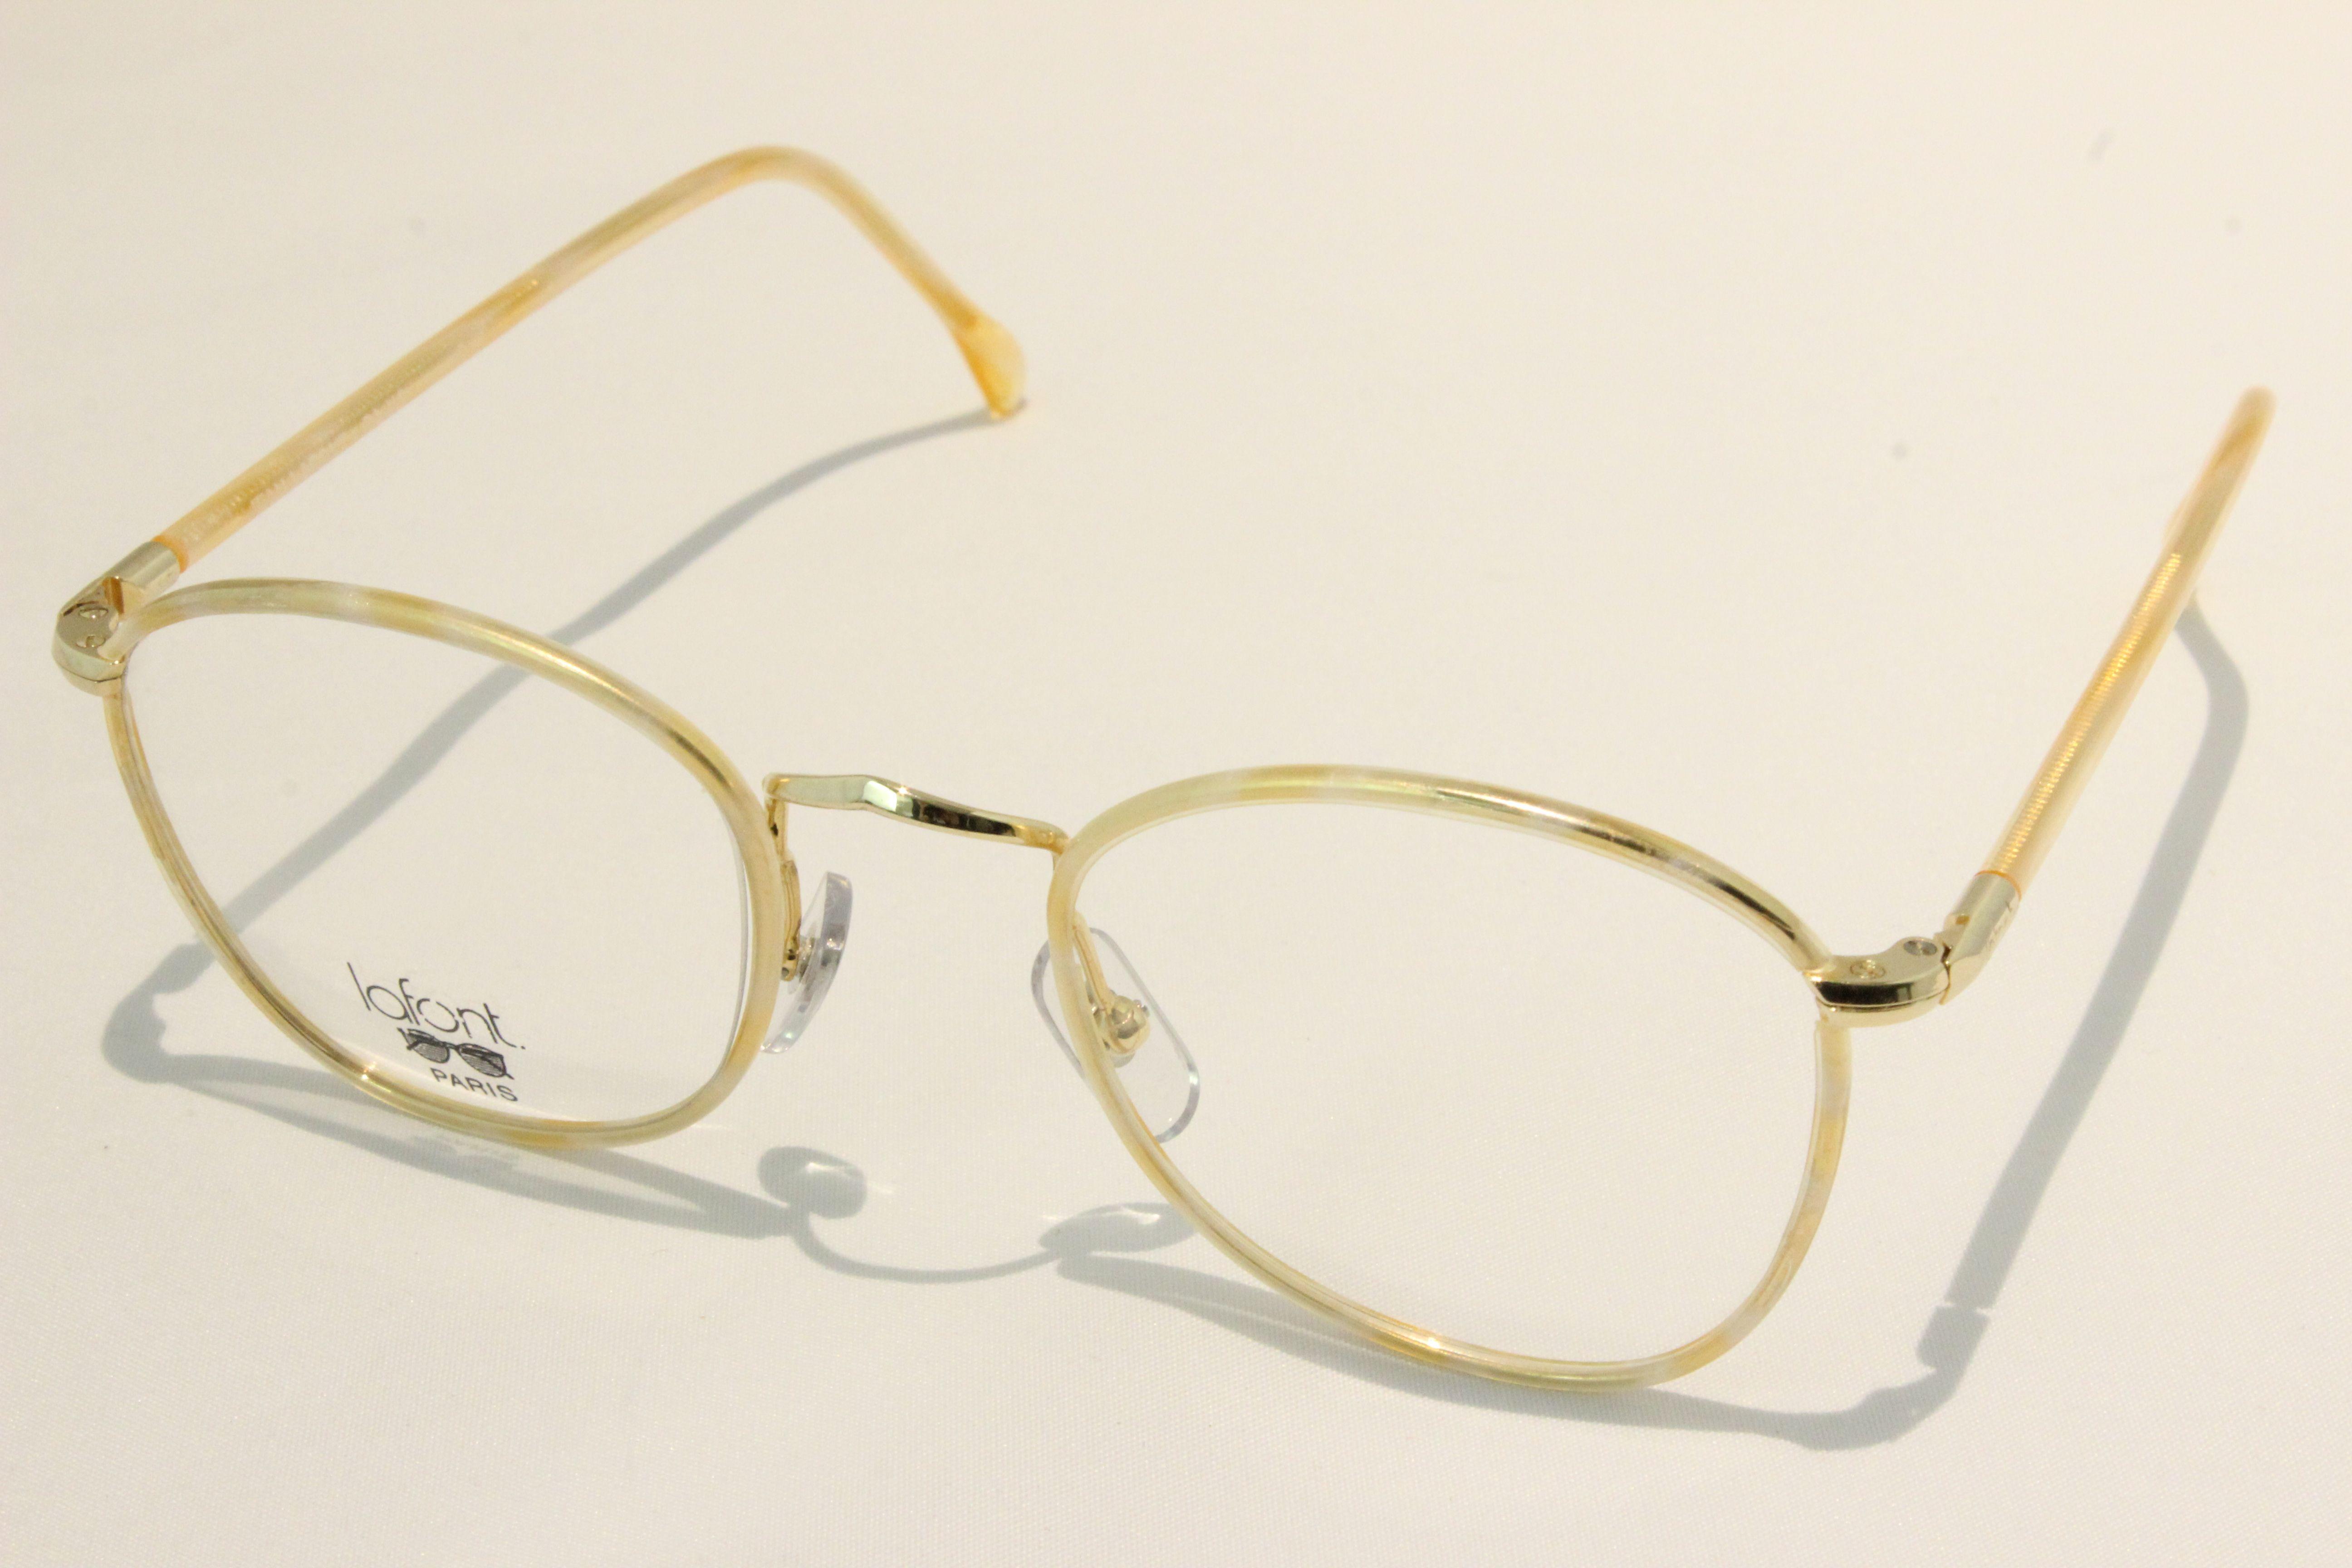 【送料無料】vintage デットストック 1980s MADE IN FRANCE 老舗 LAFONT(ラフォン) セル巻 コンビネーション ヴィンテージ メガネ